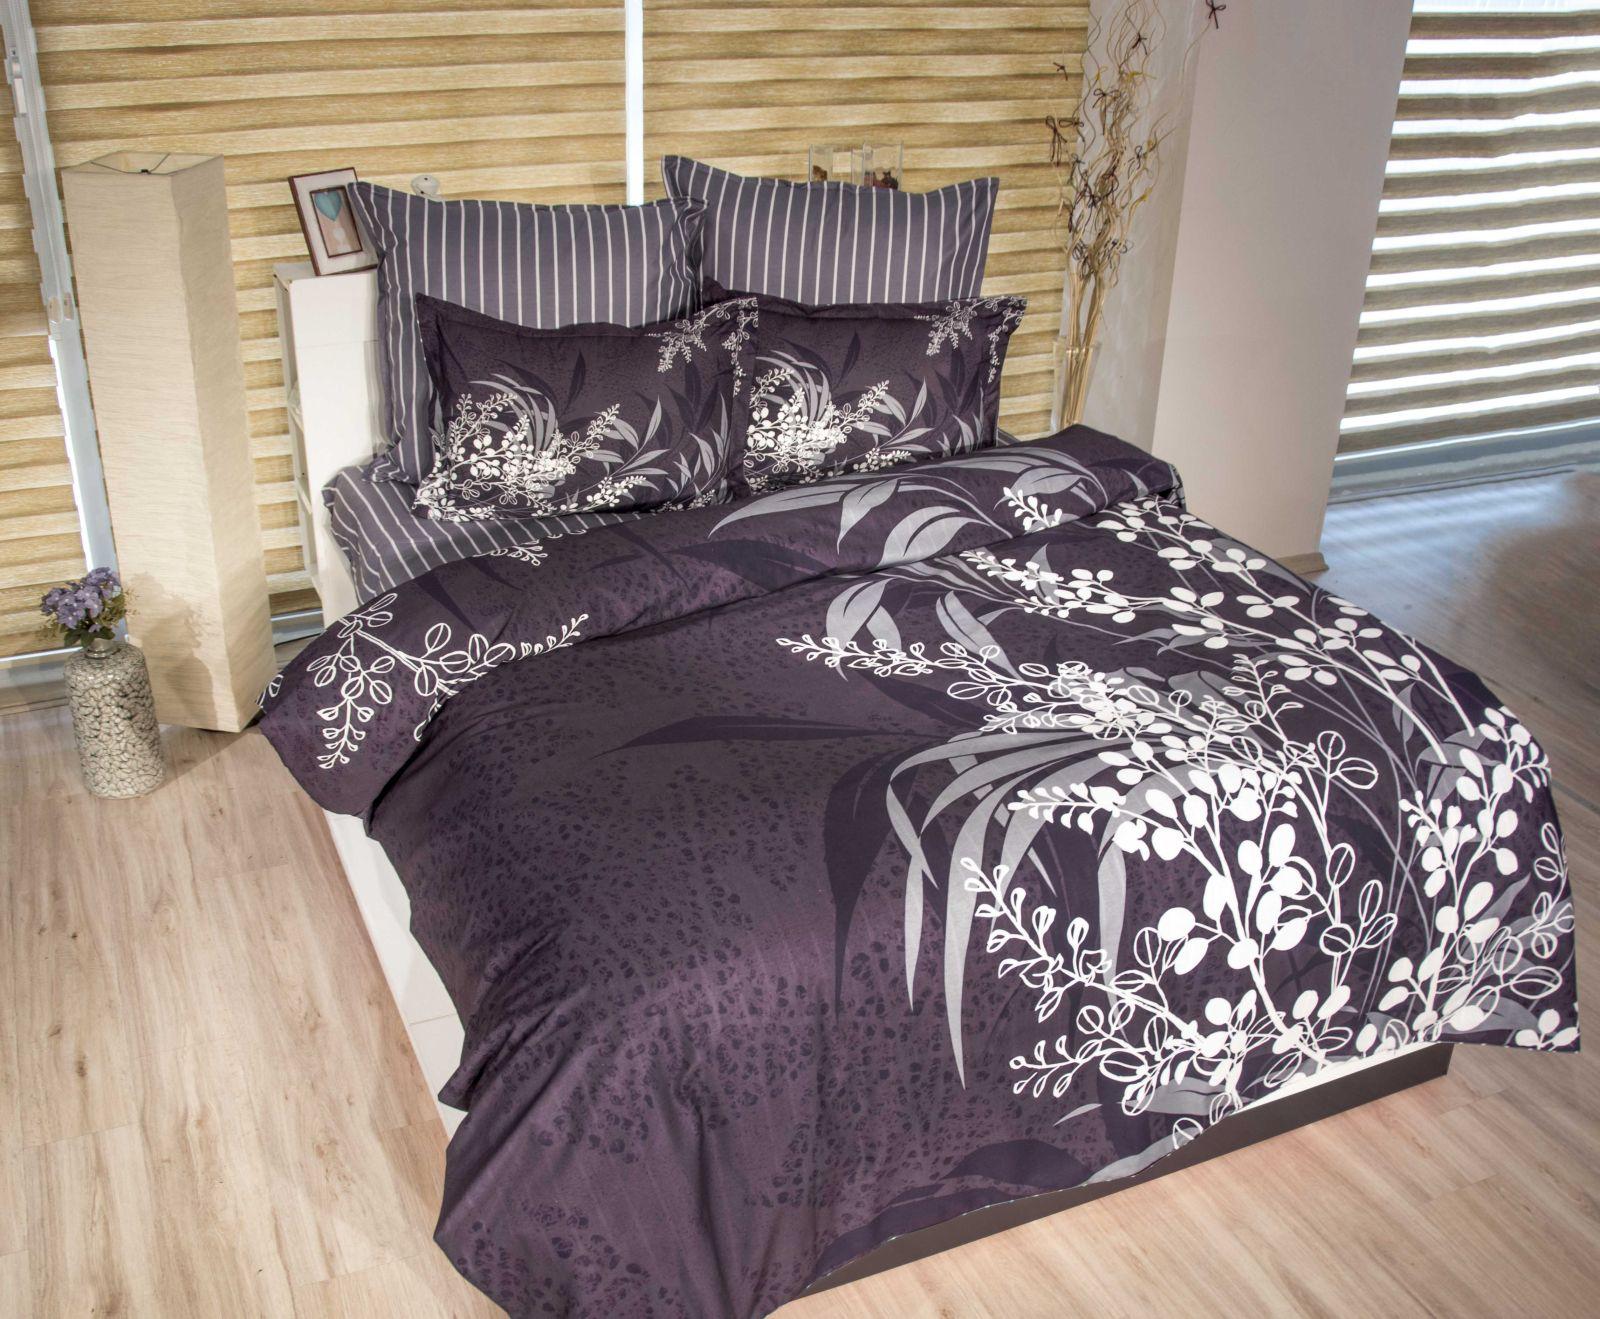 5 tlg bettw sche bettgarnitur bettbezug 100 baumwolle kissen 200x200 cm akasy g ebay. Black Bedroom Furniture Sets. Home Design Ideas